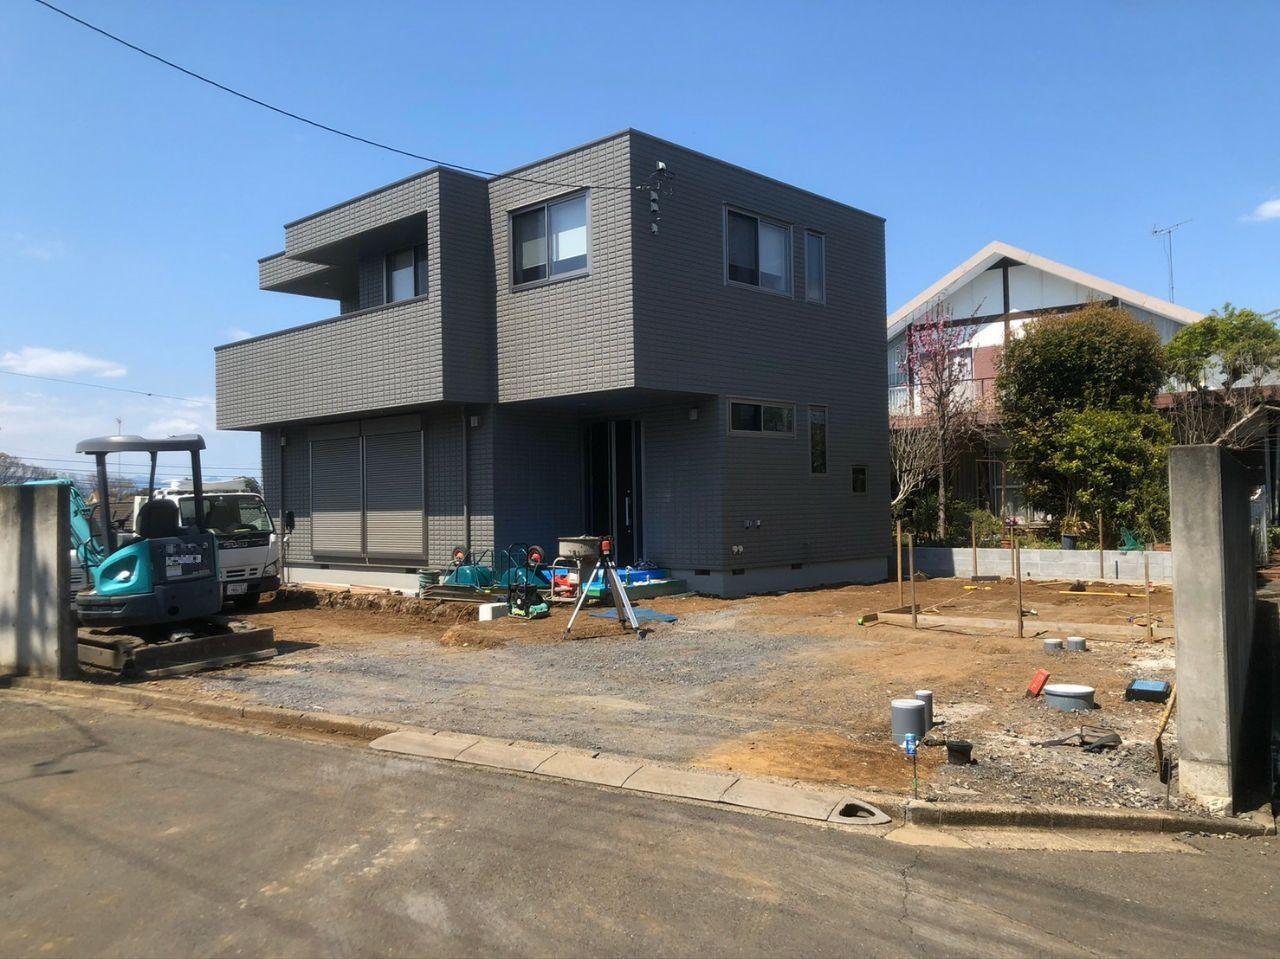 埼玉県所沢市で外構工事 外構工事はハートホーム